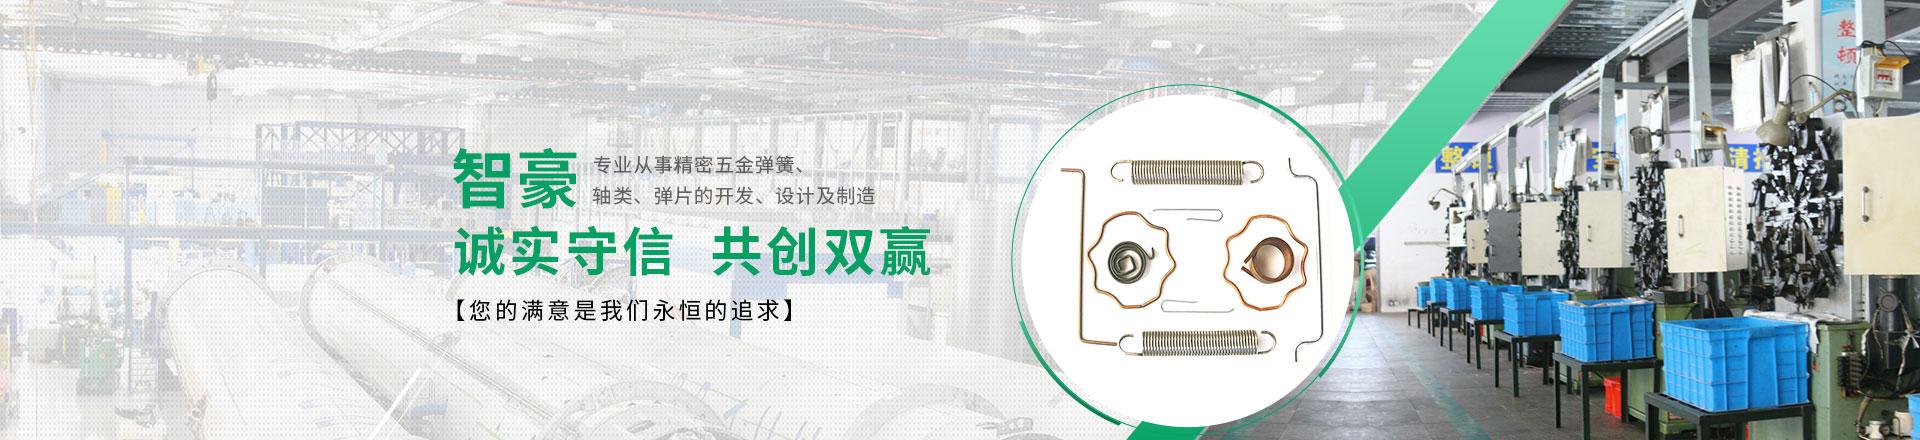 上海精密弹簧加工